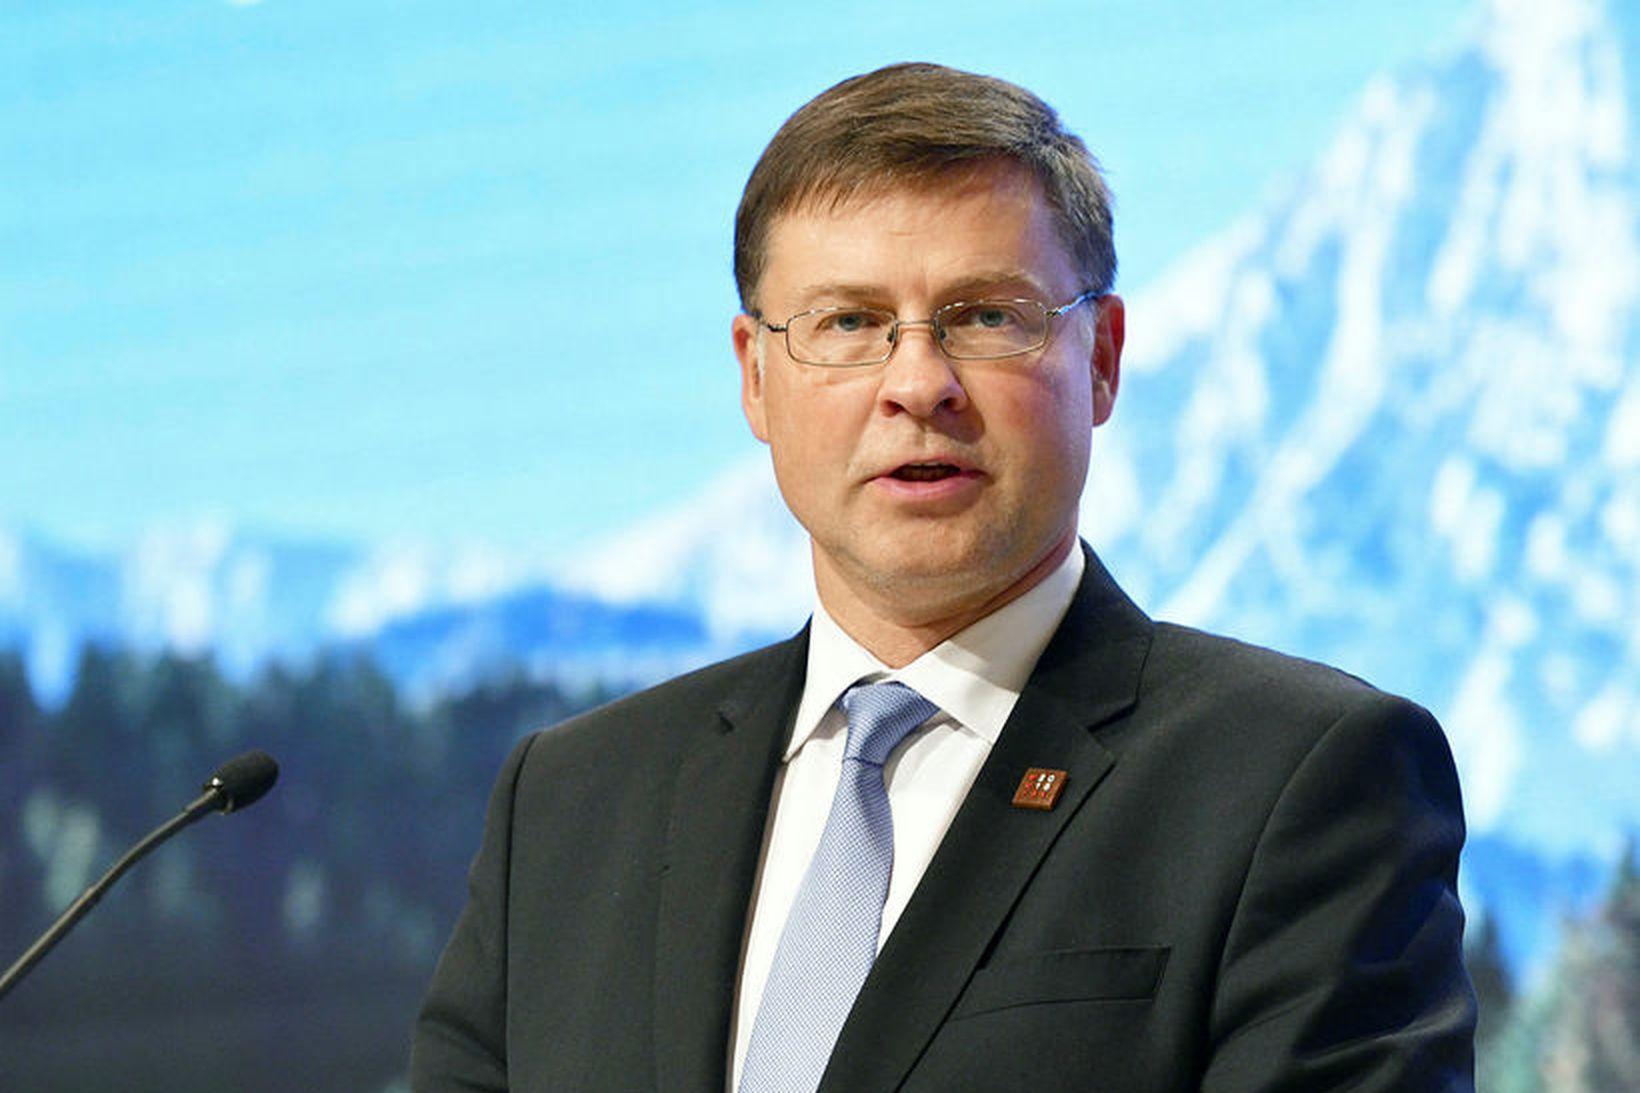 Valdis Dombrovskis, varaforseti framkvæmdastjórnarinnar, segir að viðbrögð Ítala við áhyggjum …